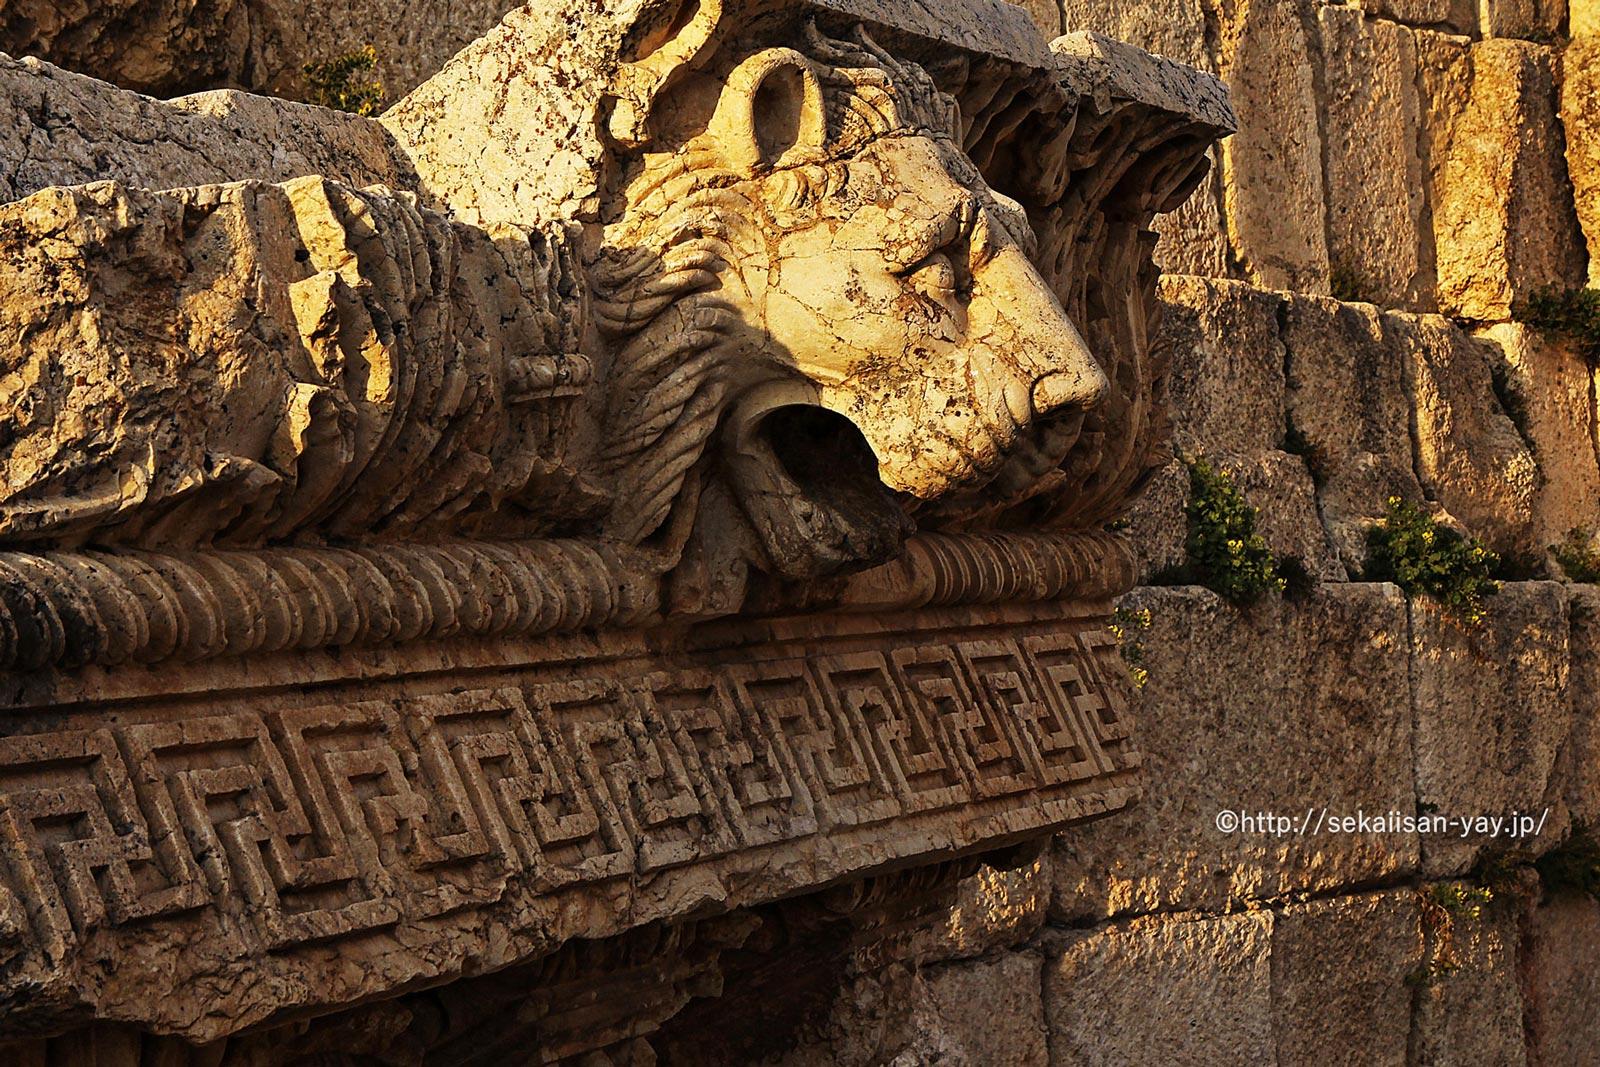 レバノン「バールベック」